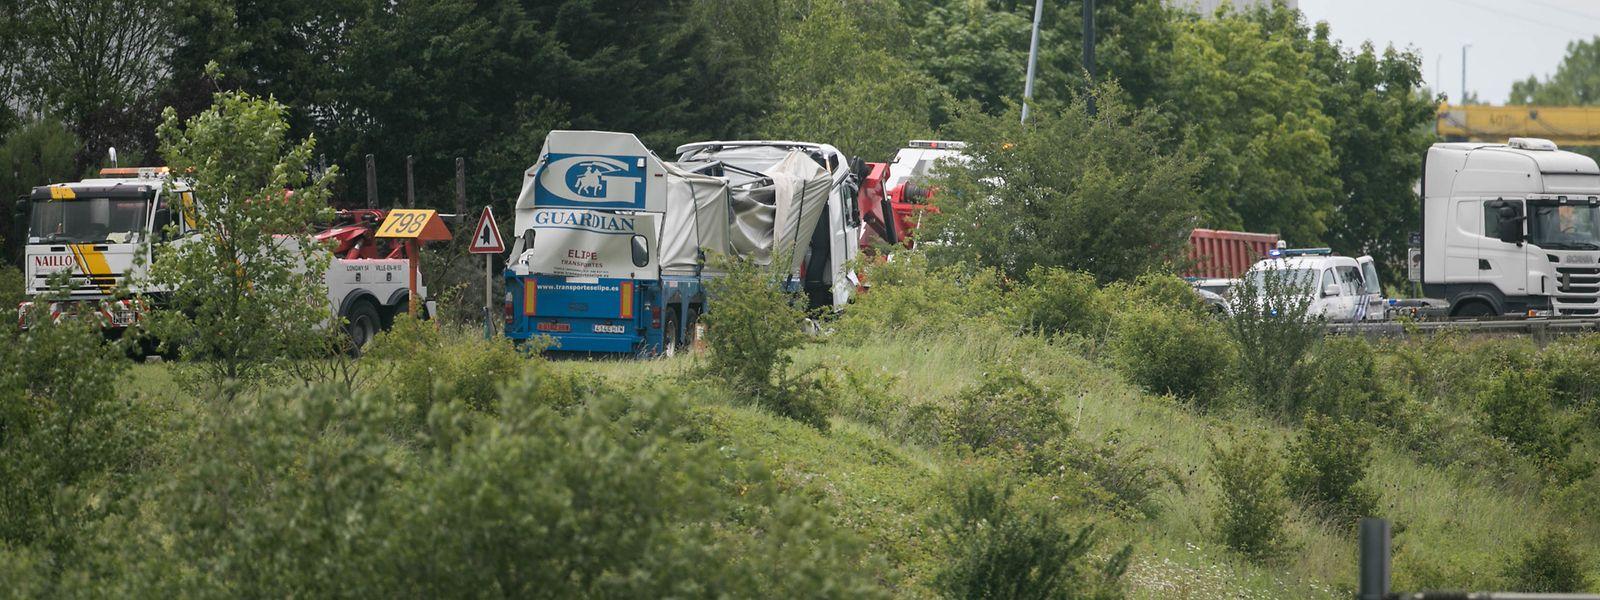 Der Lastwagen (Mitte, hellblaues Logo), nachdem er von der Böschung hochgezogen wurde.